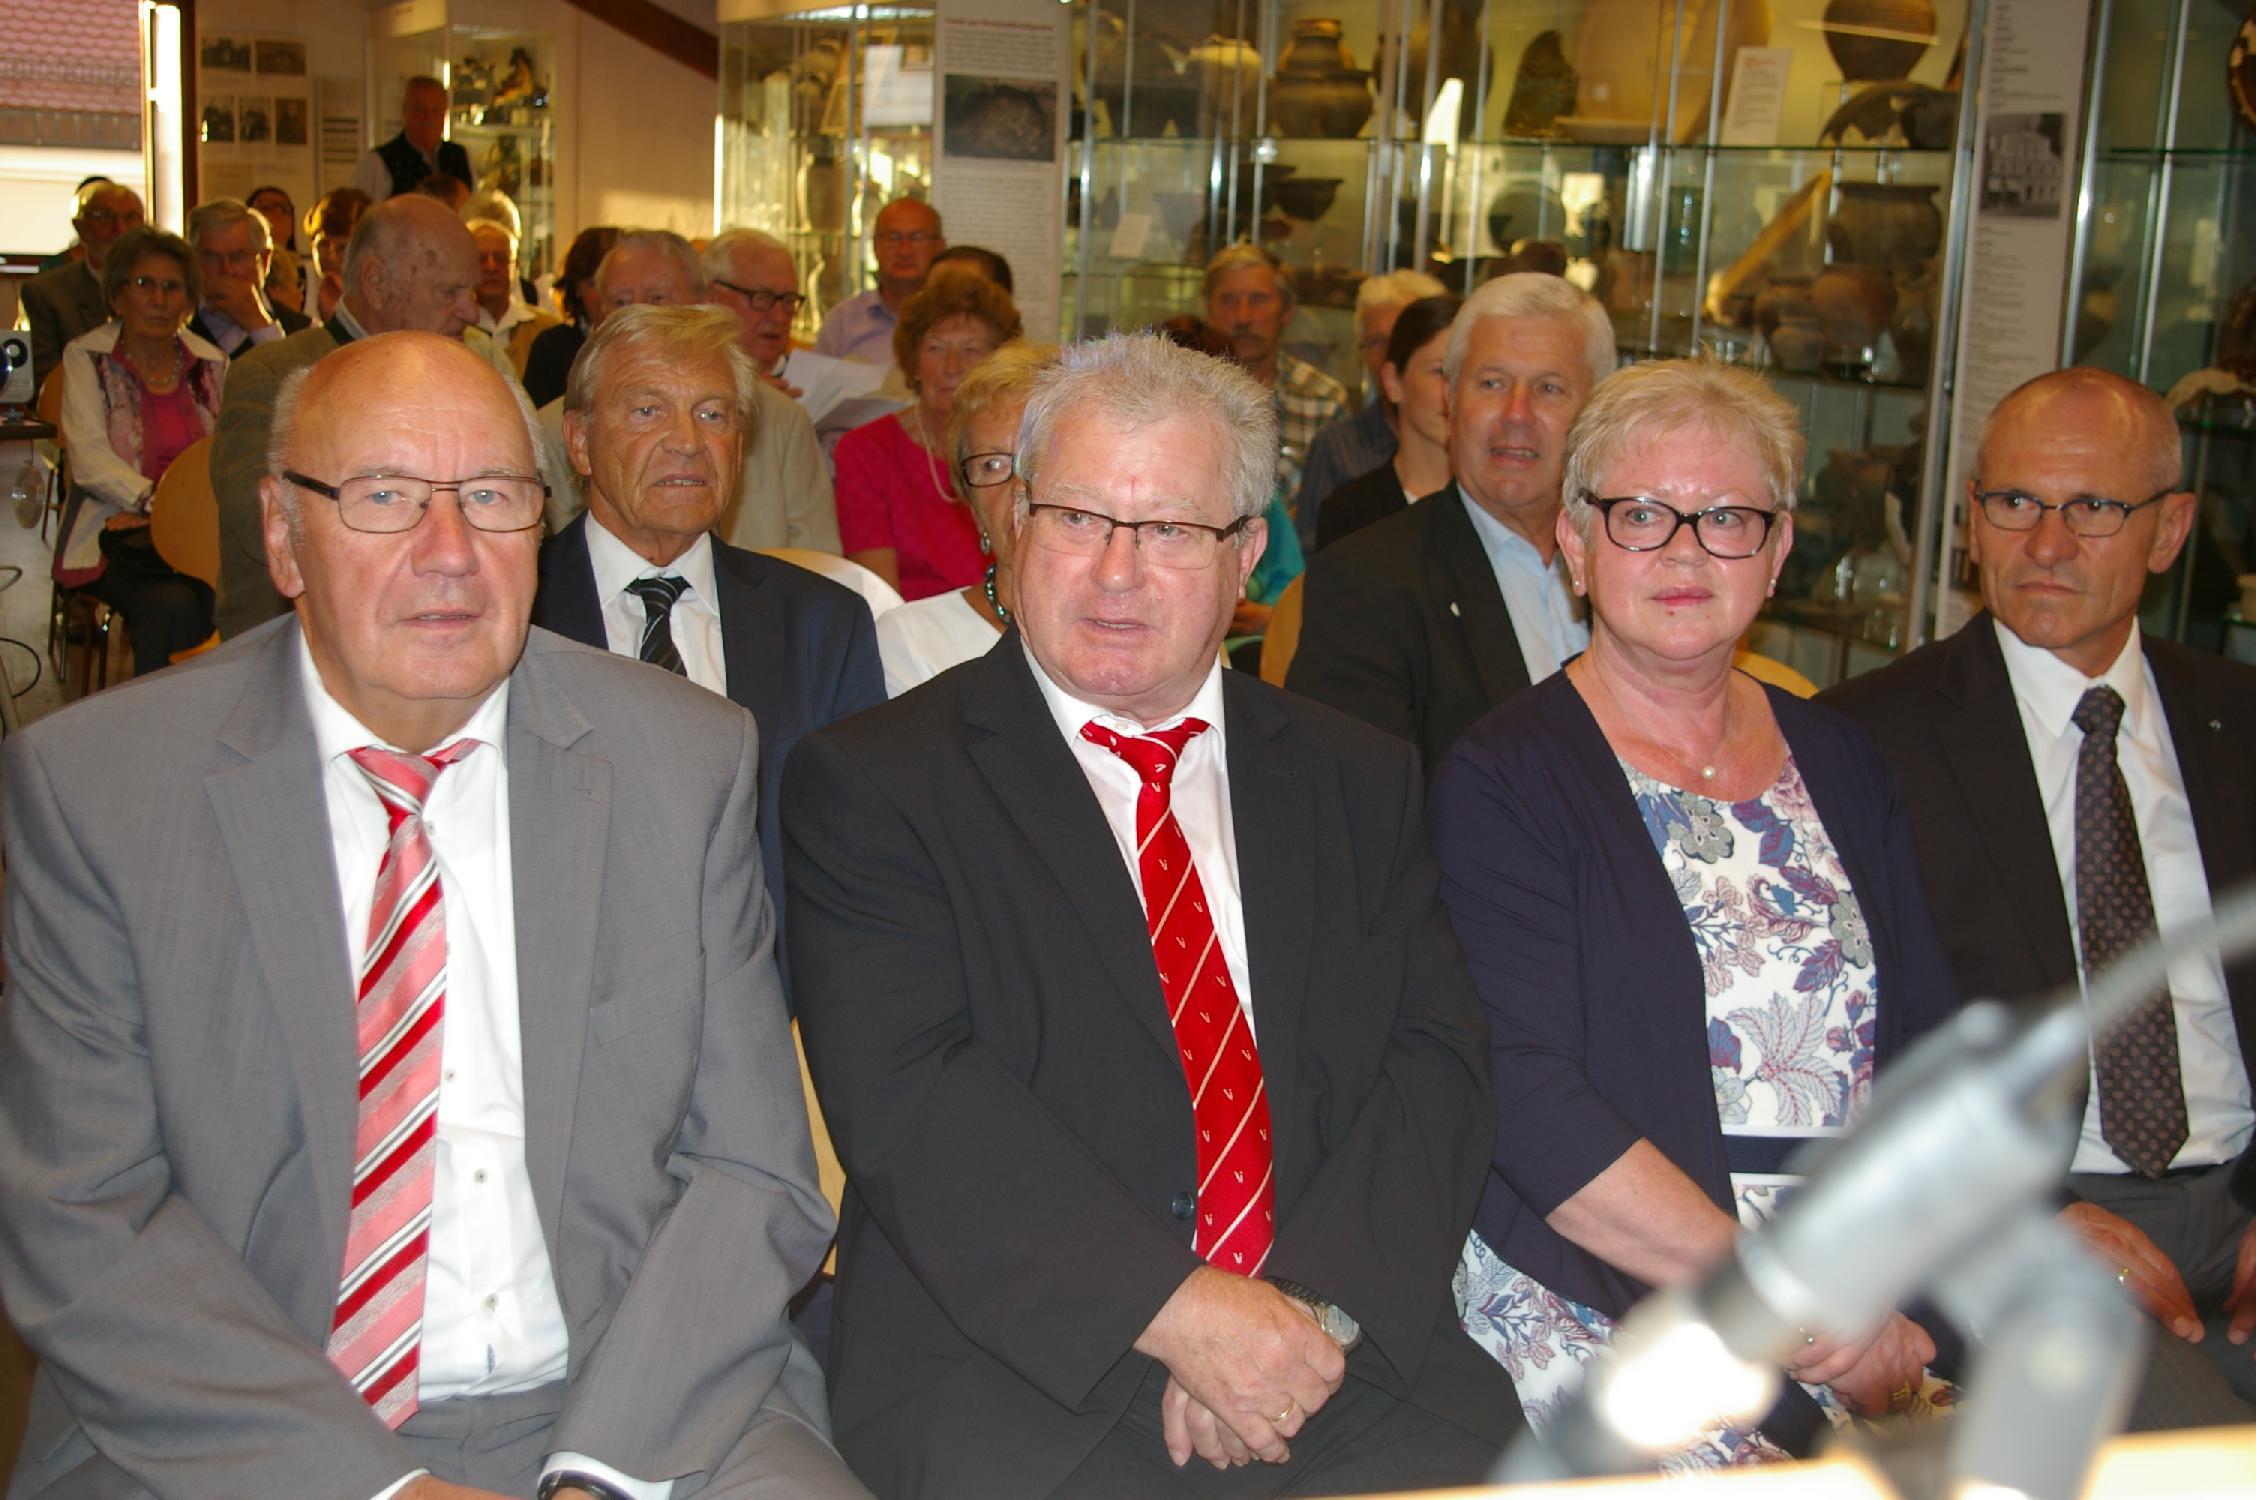 Das vielköpfige Publikum hat sich zu Ehren der Heimatforscher Lambert Grasmann und GÜnter Knaus mitten in der umfangreichen Sammlung Kröninger Hafnerware versammelt.